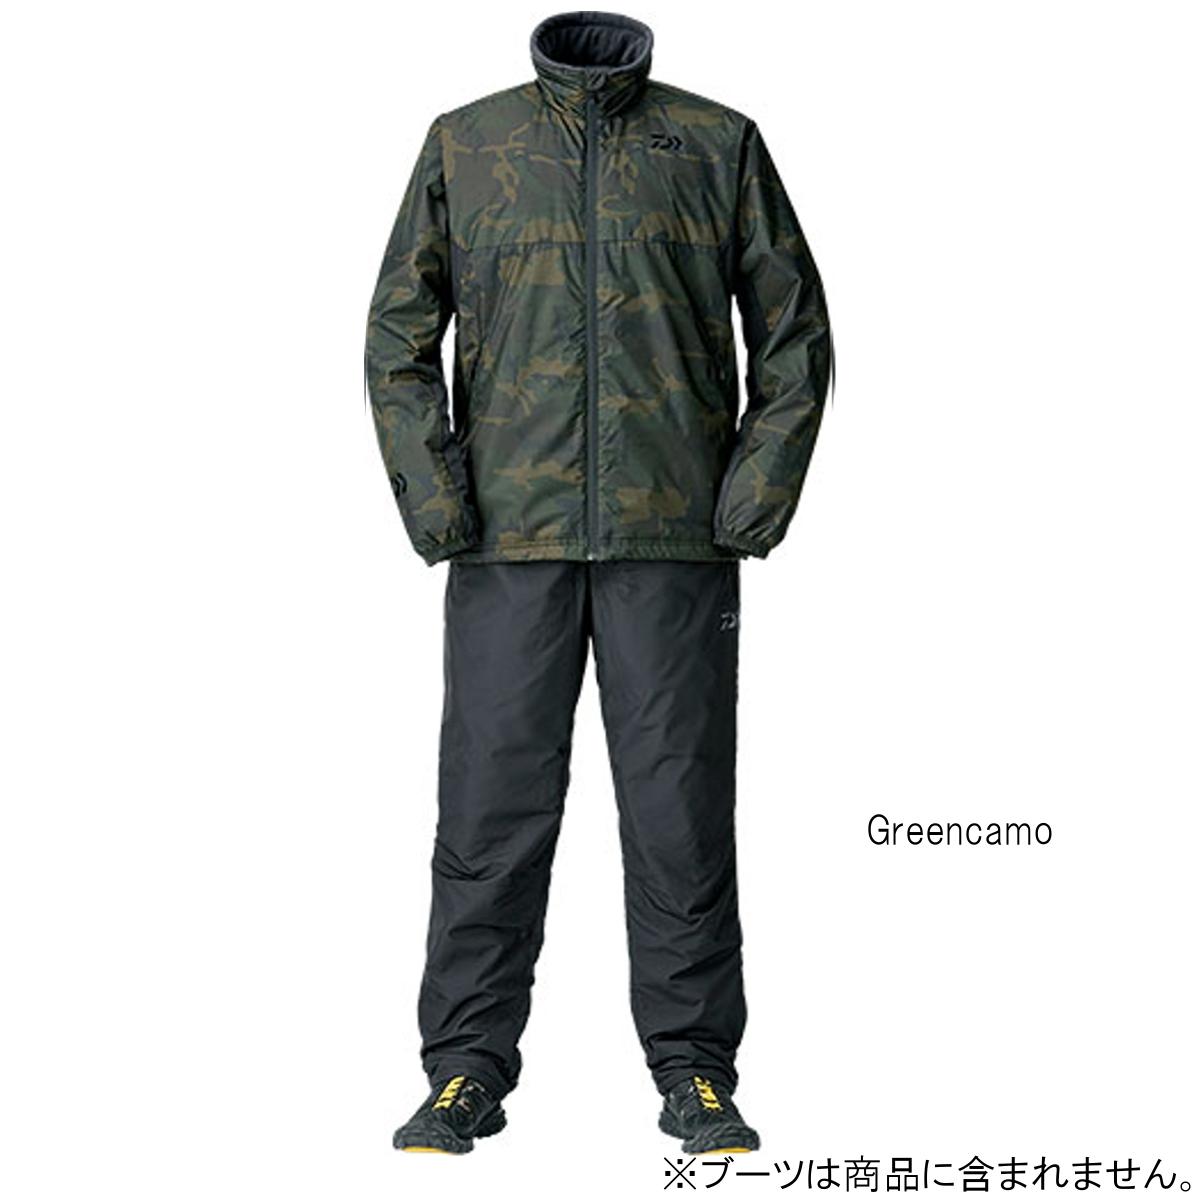 ダイワ ウォームアップスーツ DI-52008 L Greencamo